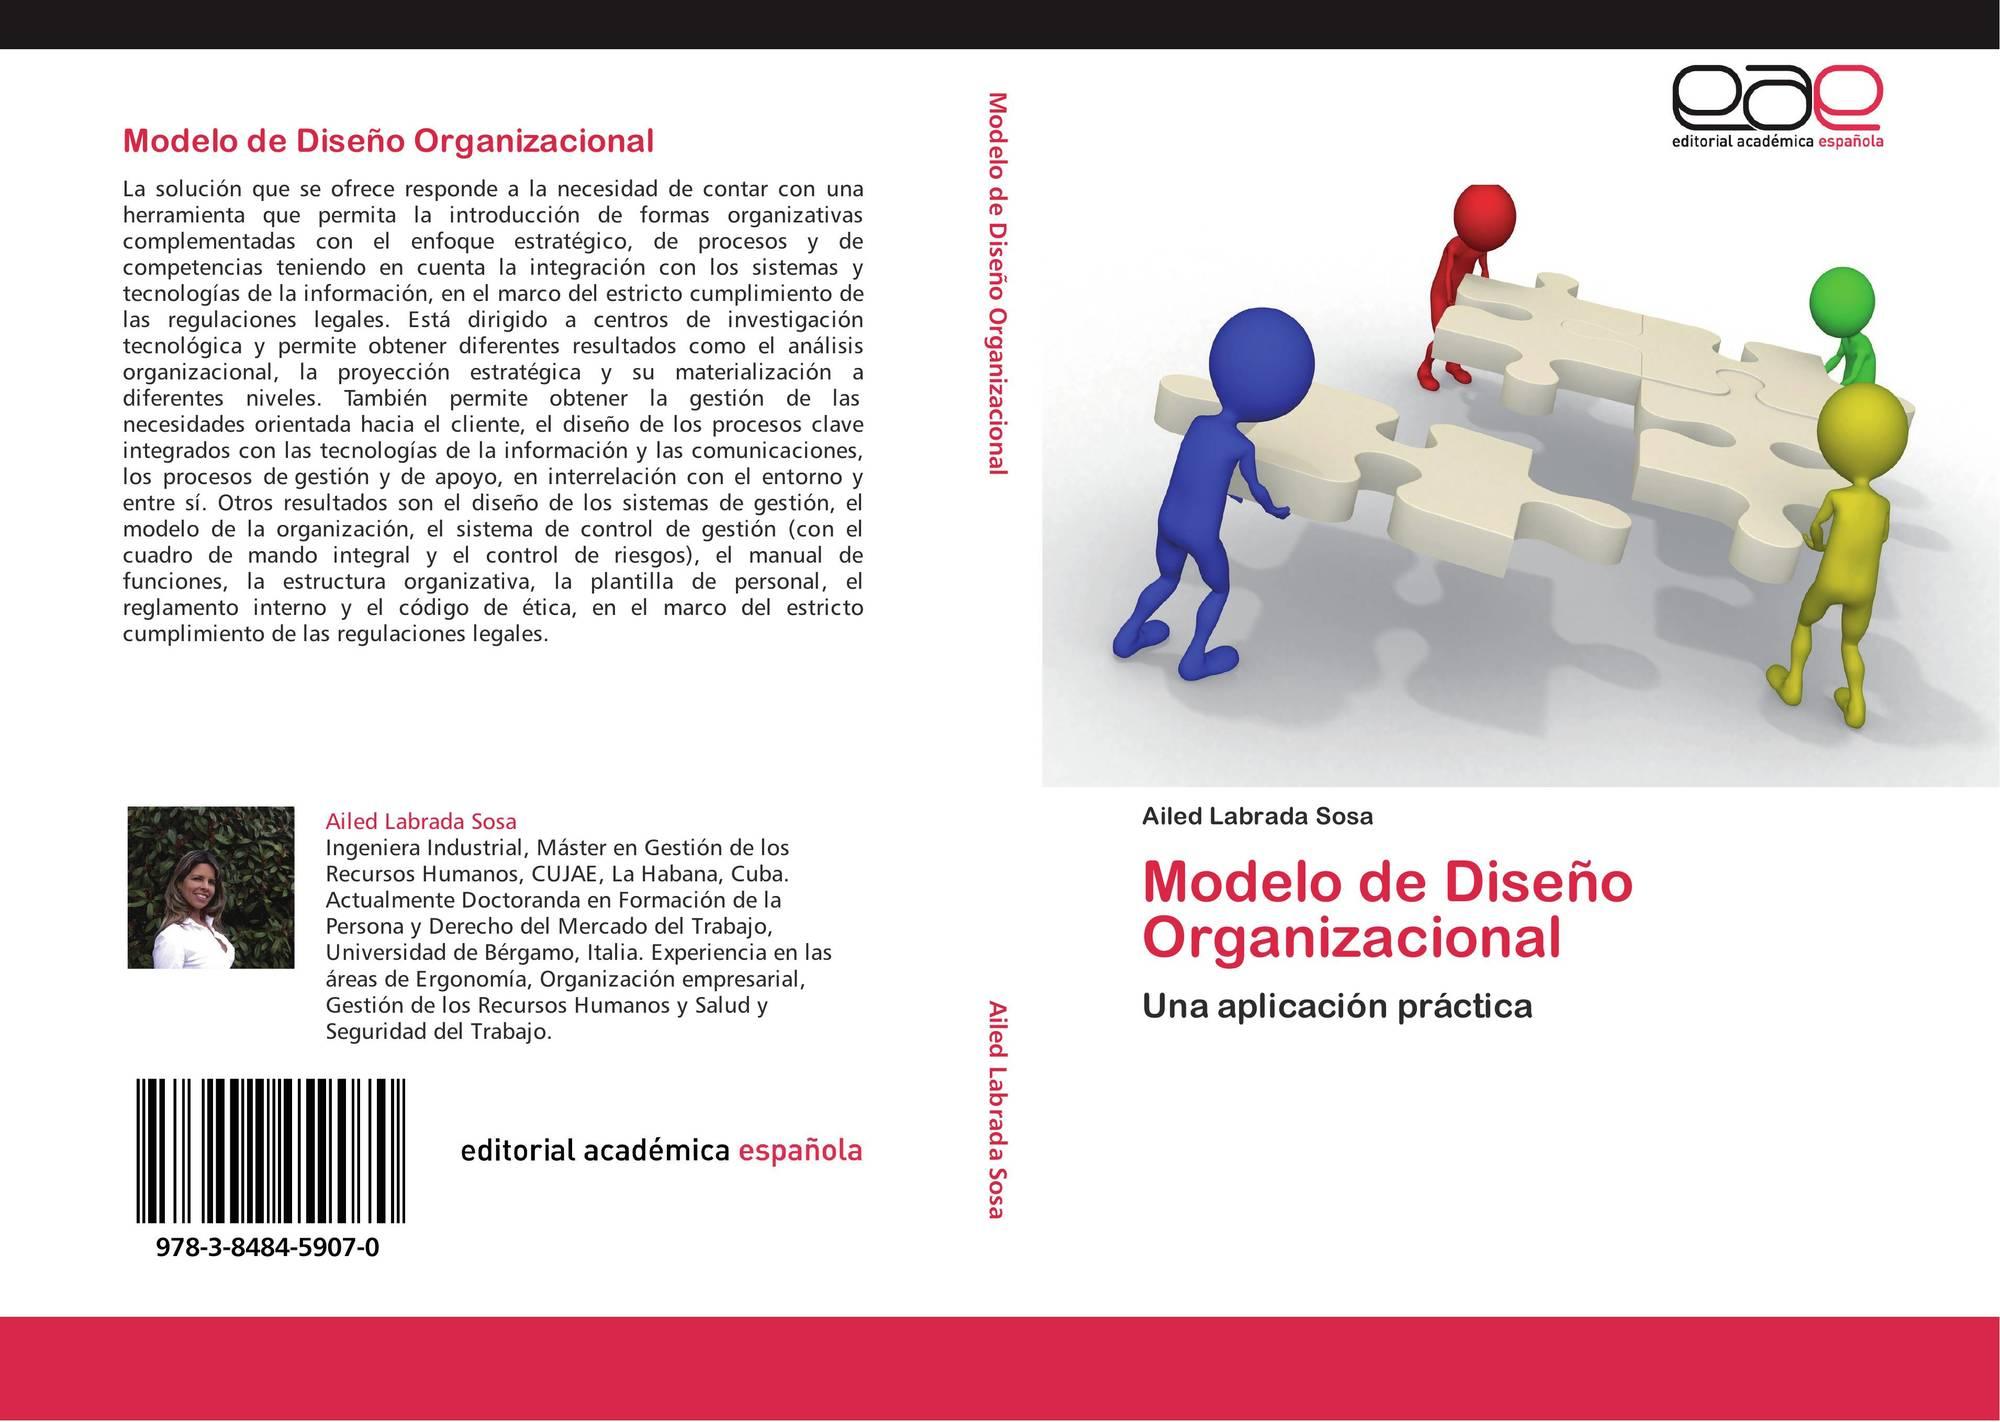 Modelo de Diseño Organizacional, 978-3-8484-5907-0, 3848459078 ...